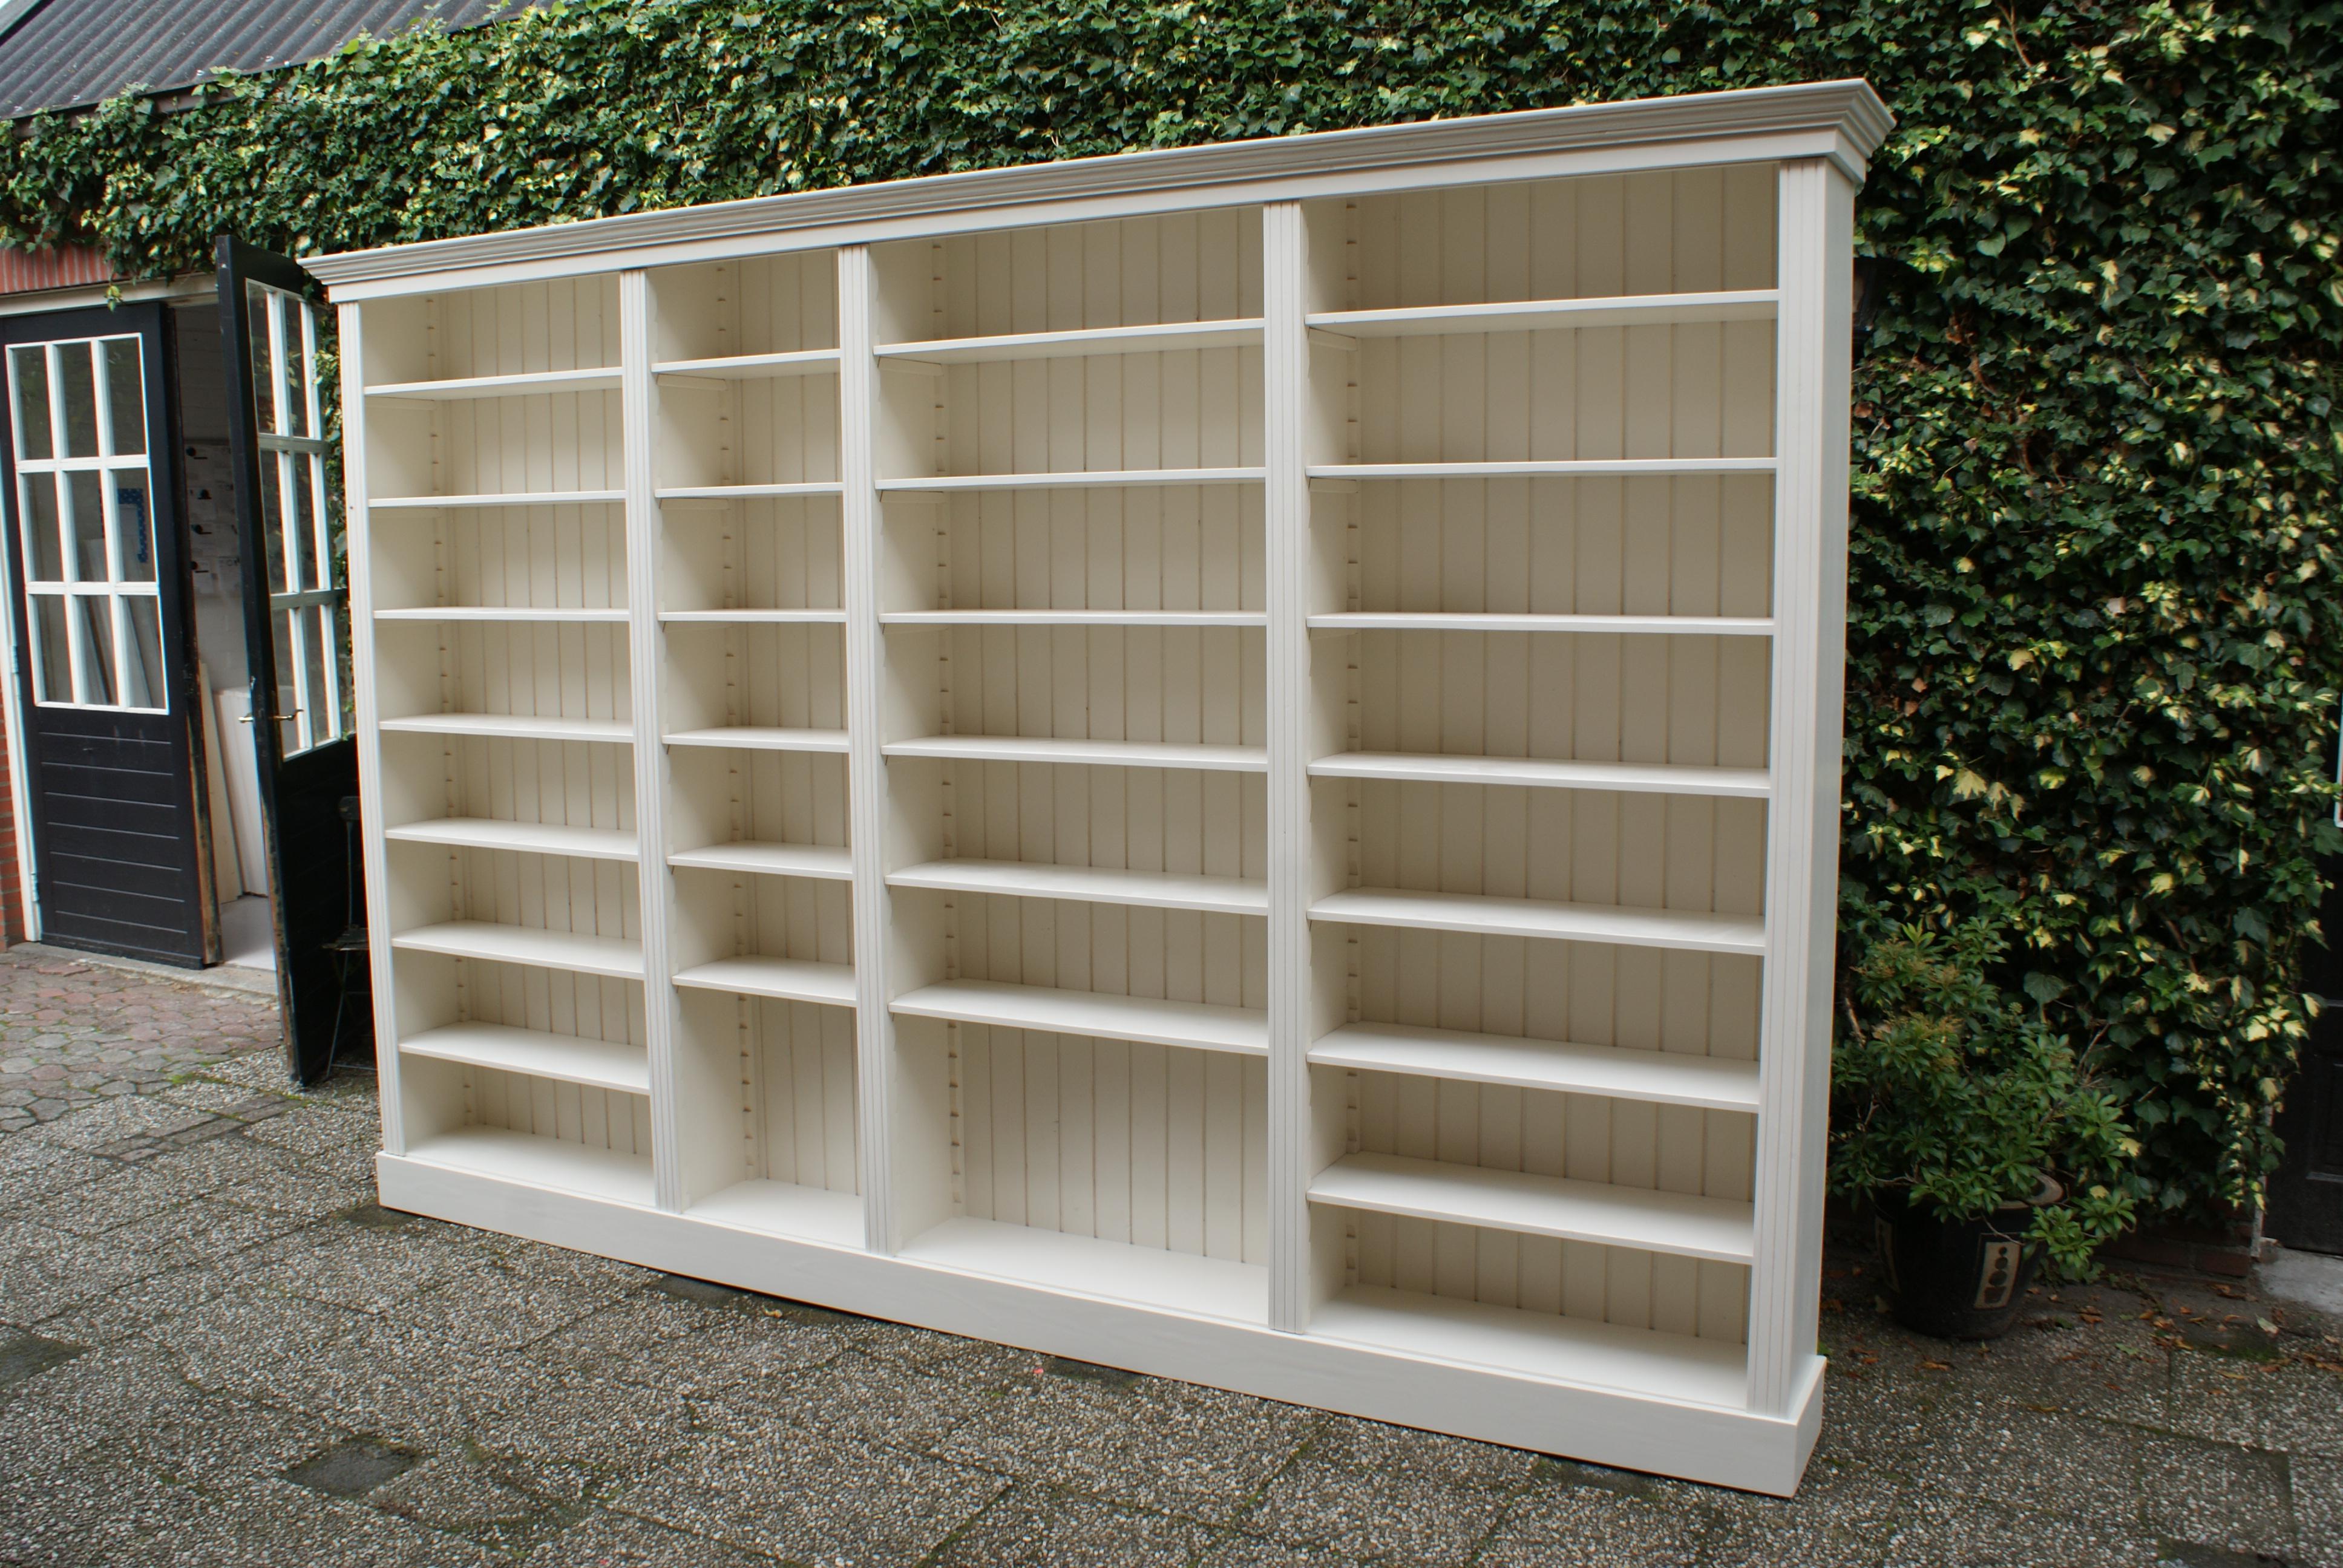 Boekenkast wit - Boekenkasten op maat gemaakt - de Grenenhoeve